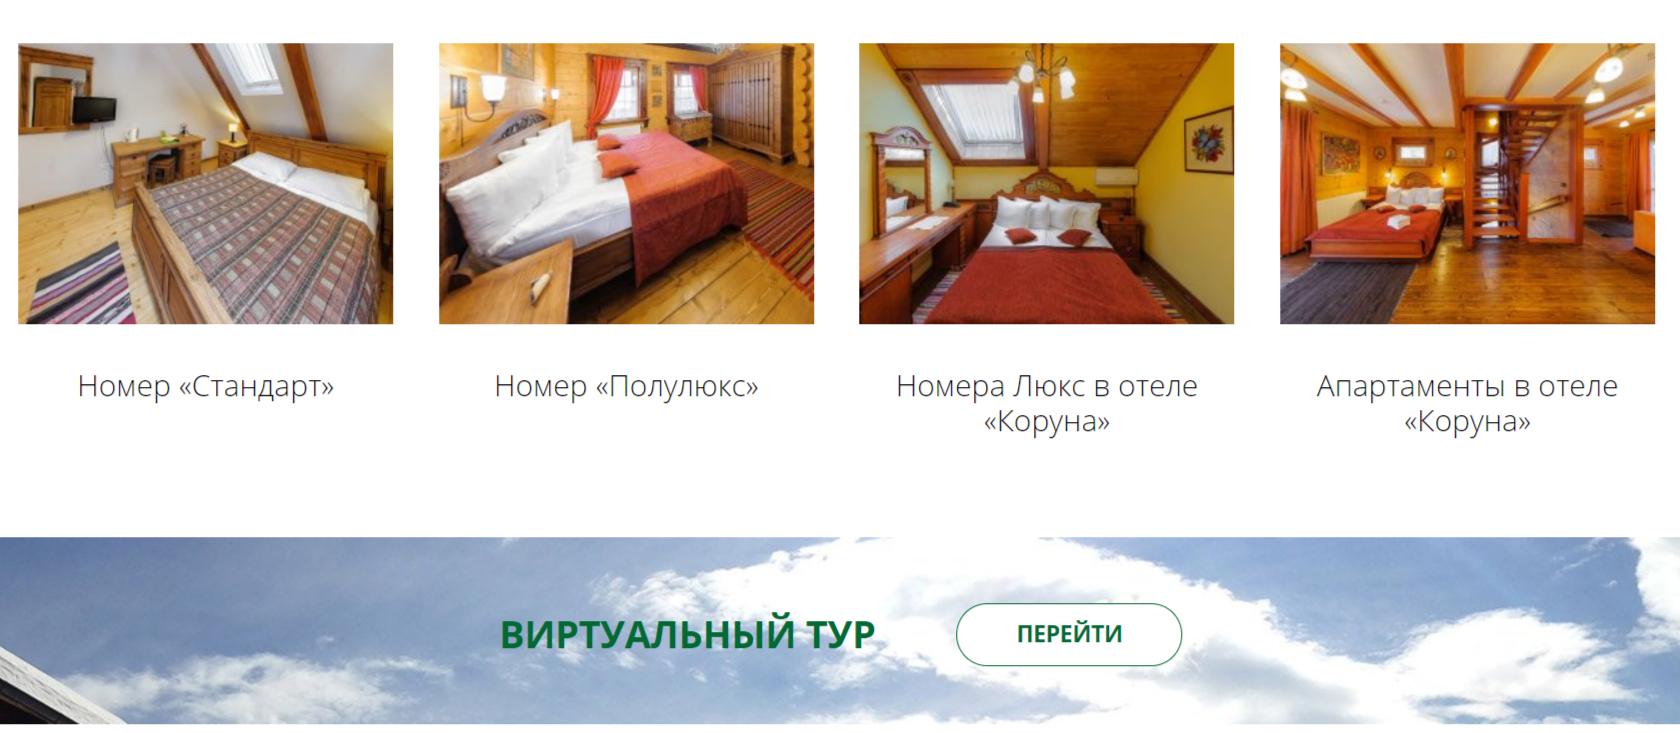 Какие сейчас цены на отель Коруна в Карпатах